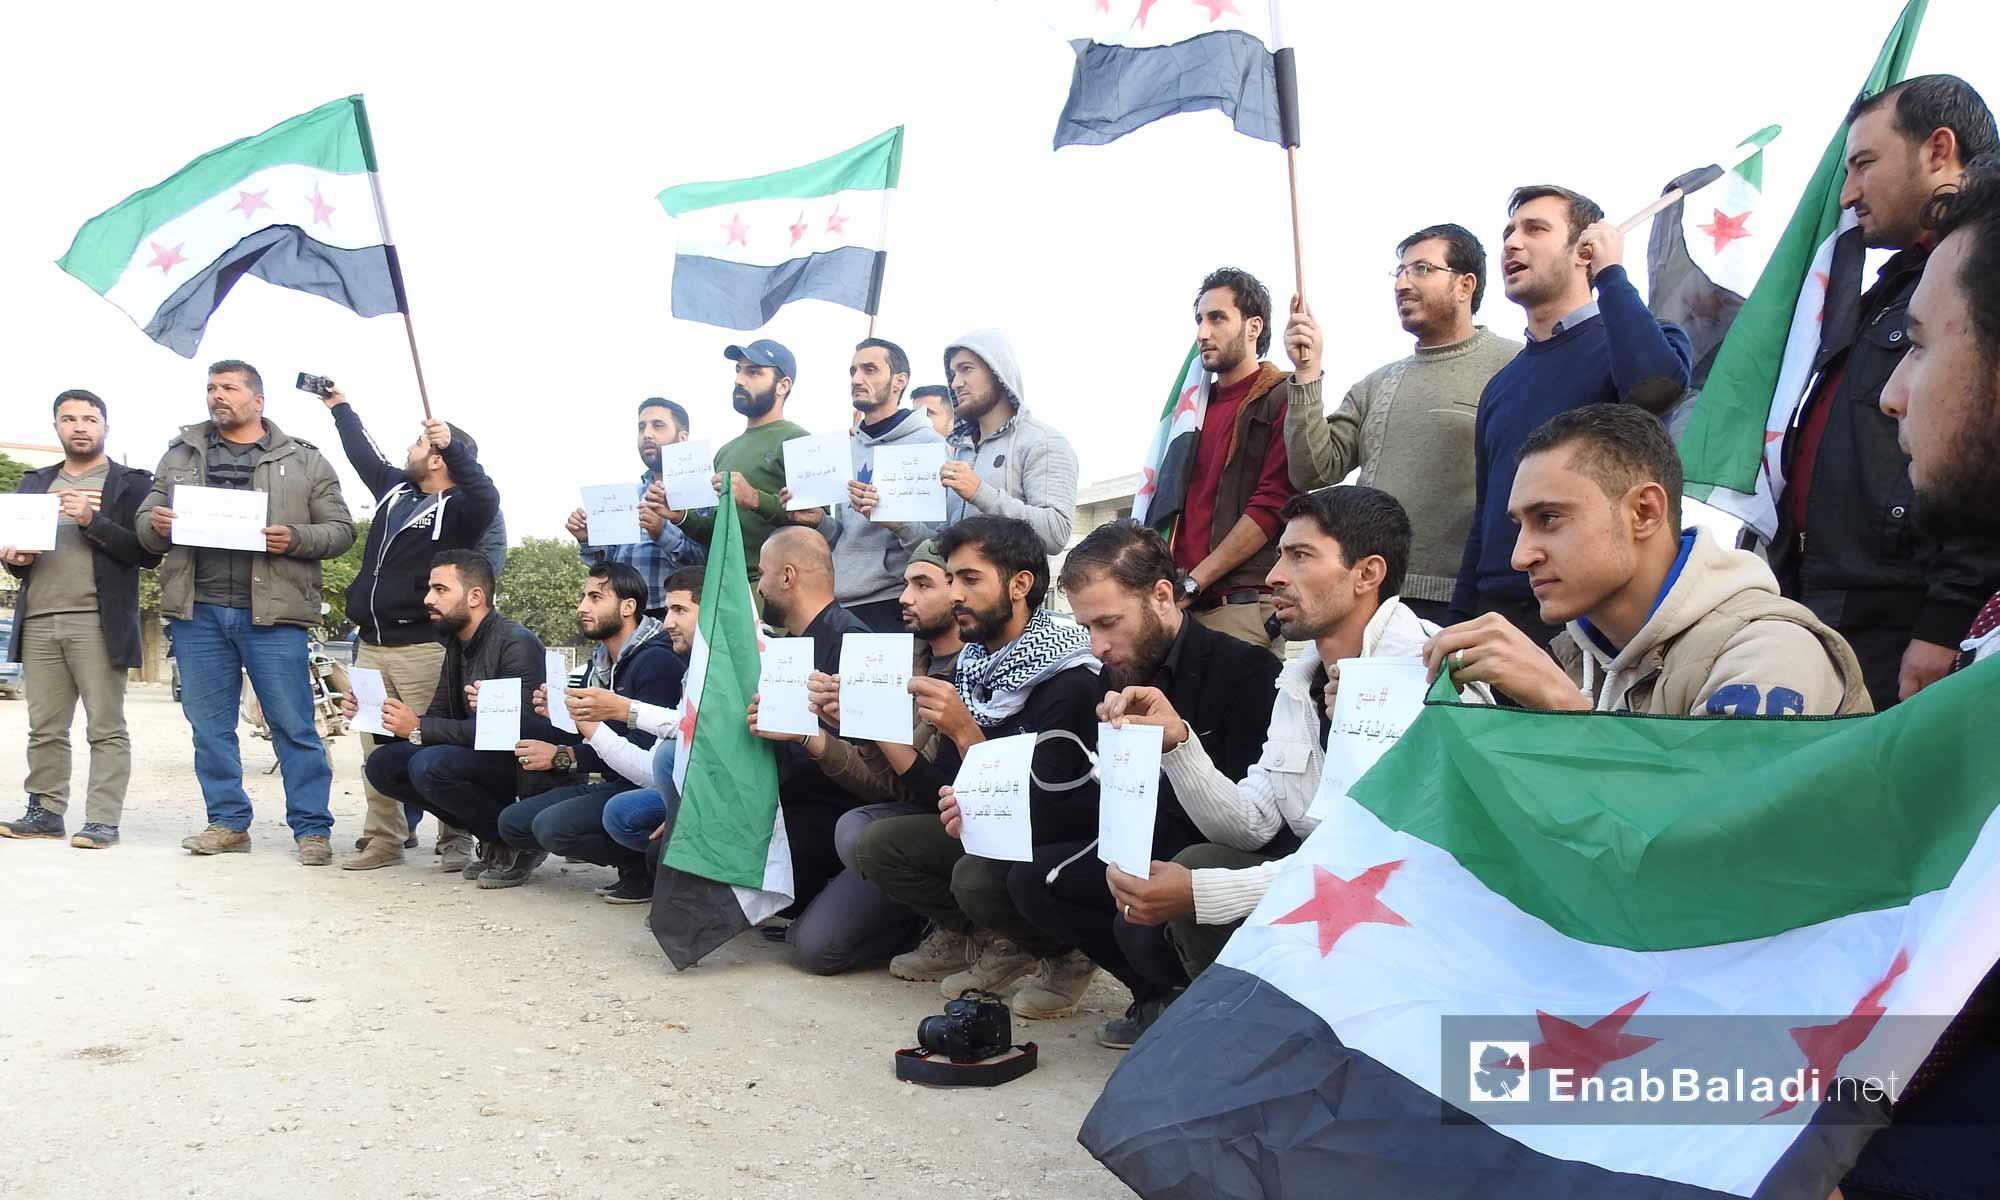 """ناشطون في اعزاز ينظمون وقفة تضامنية مع """"إضراب الكرامة"""" في منبج - 5 تشرين الثاني 2017 (عنب بلدي)"""